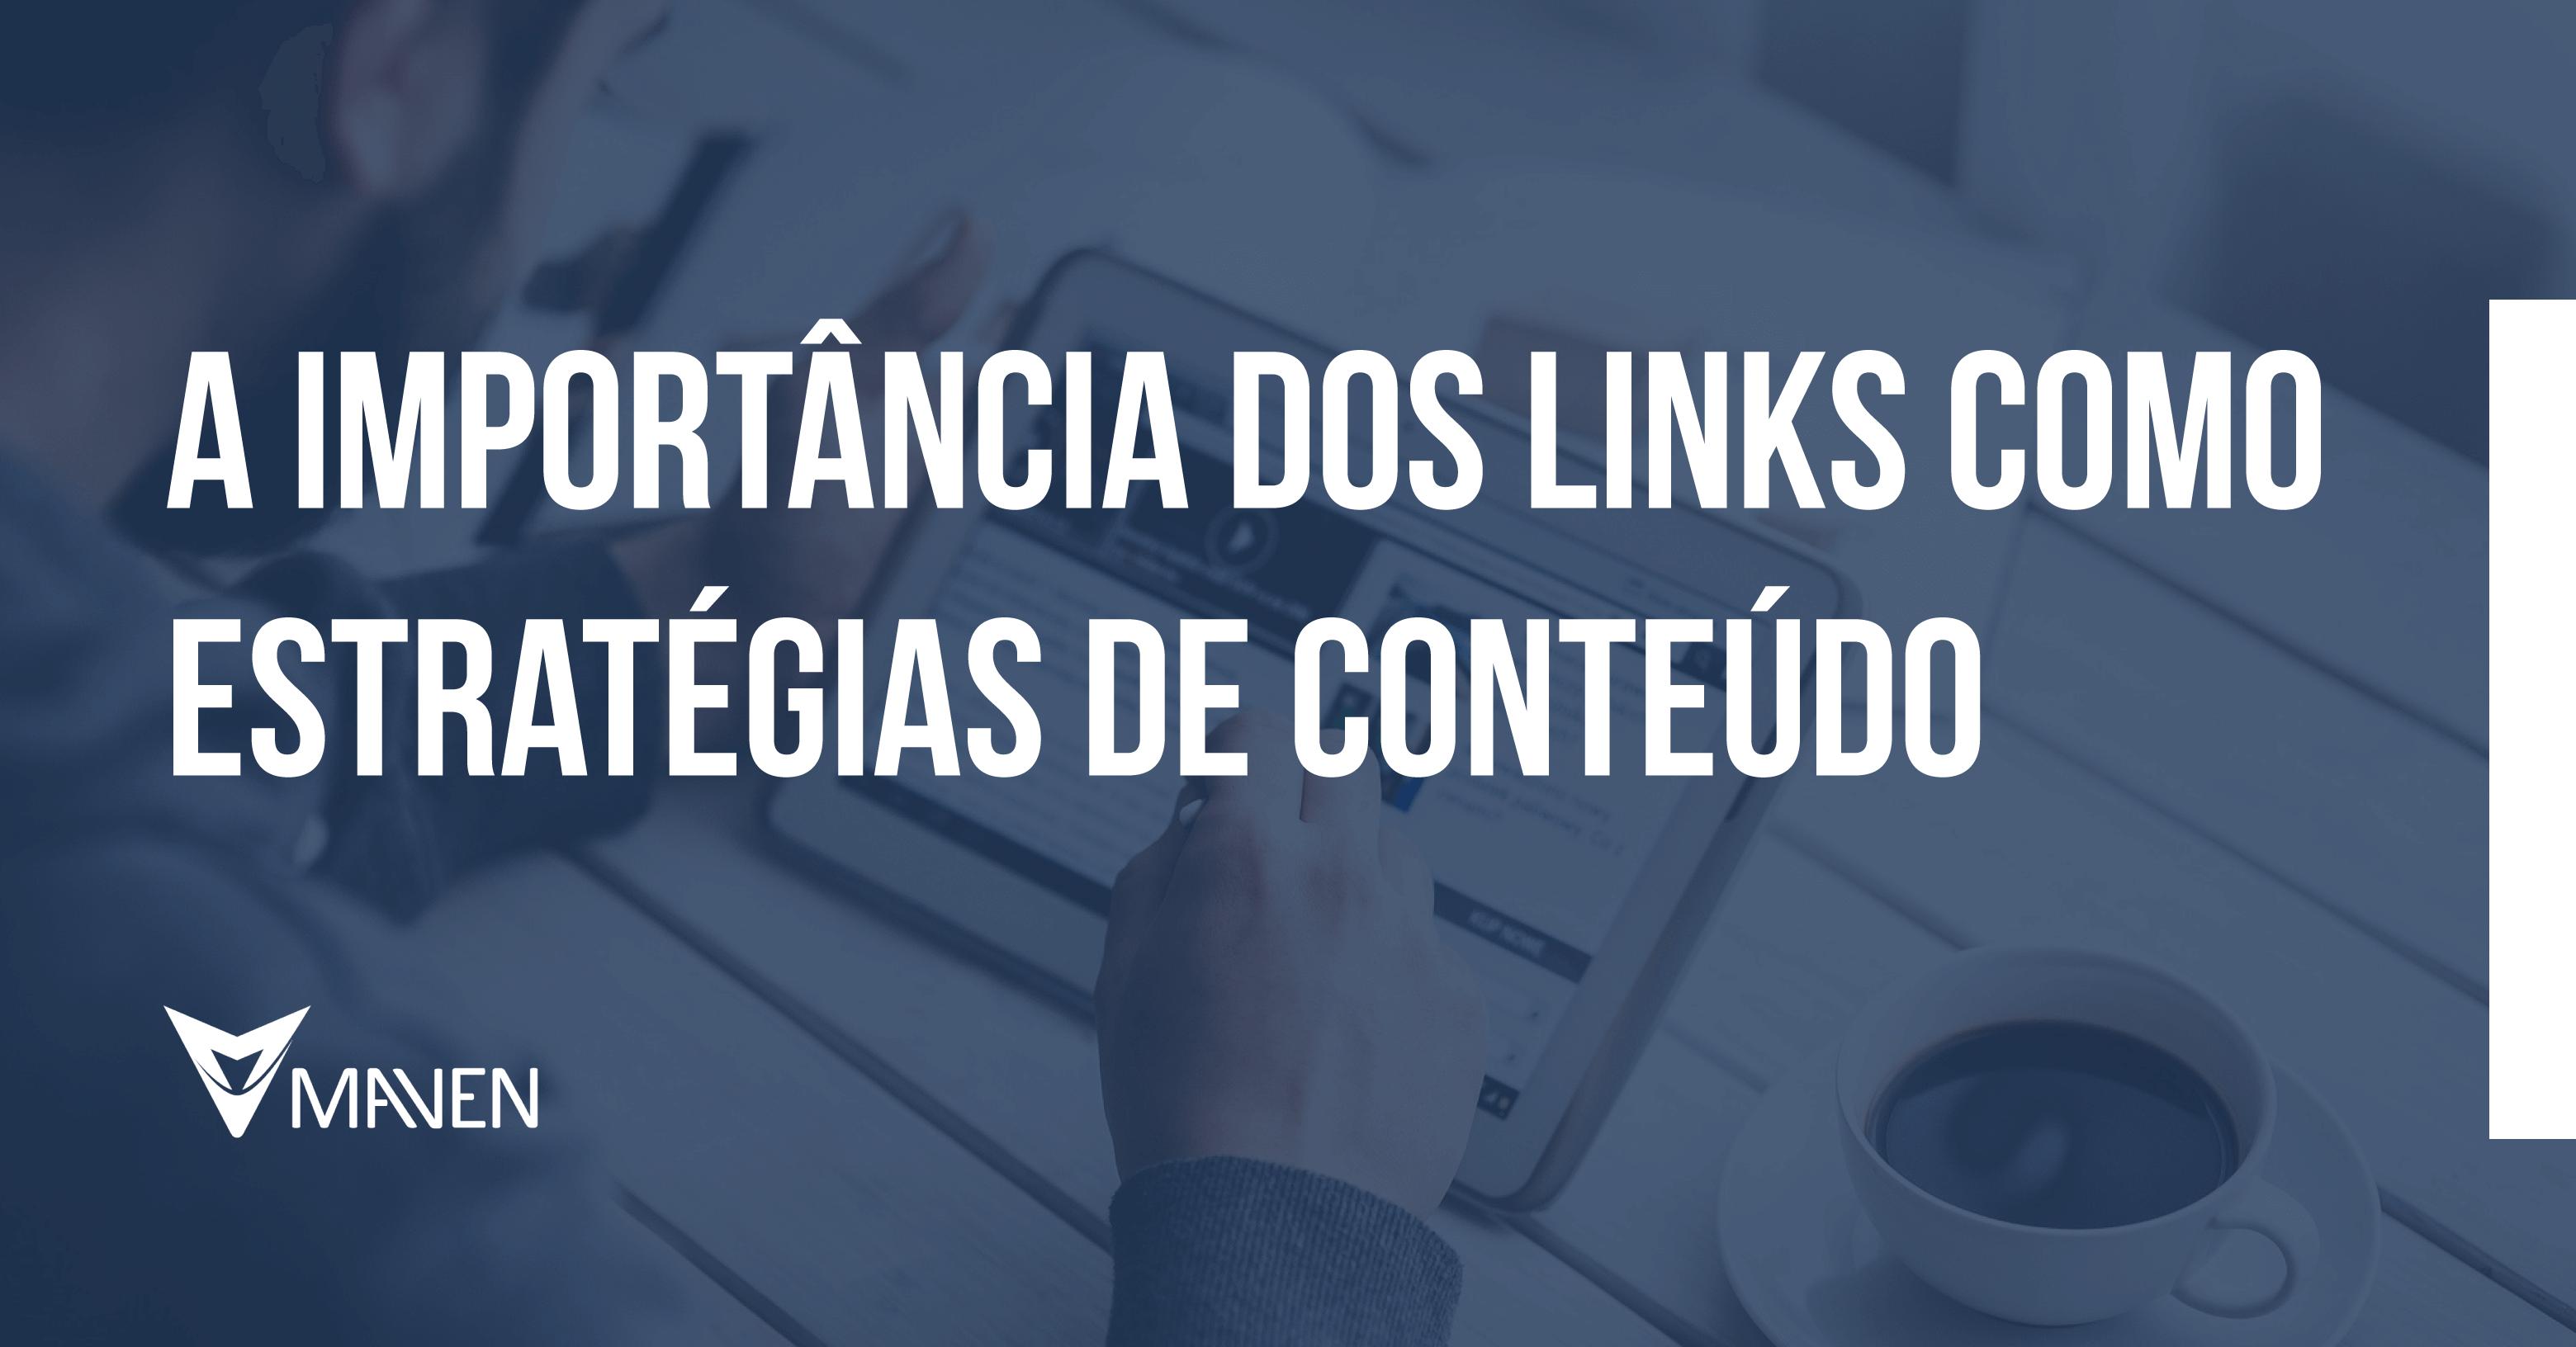 A importância dos links como estratégias de conteúdo